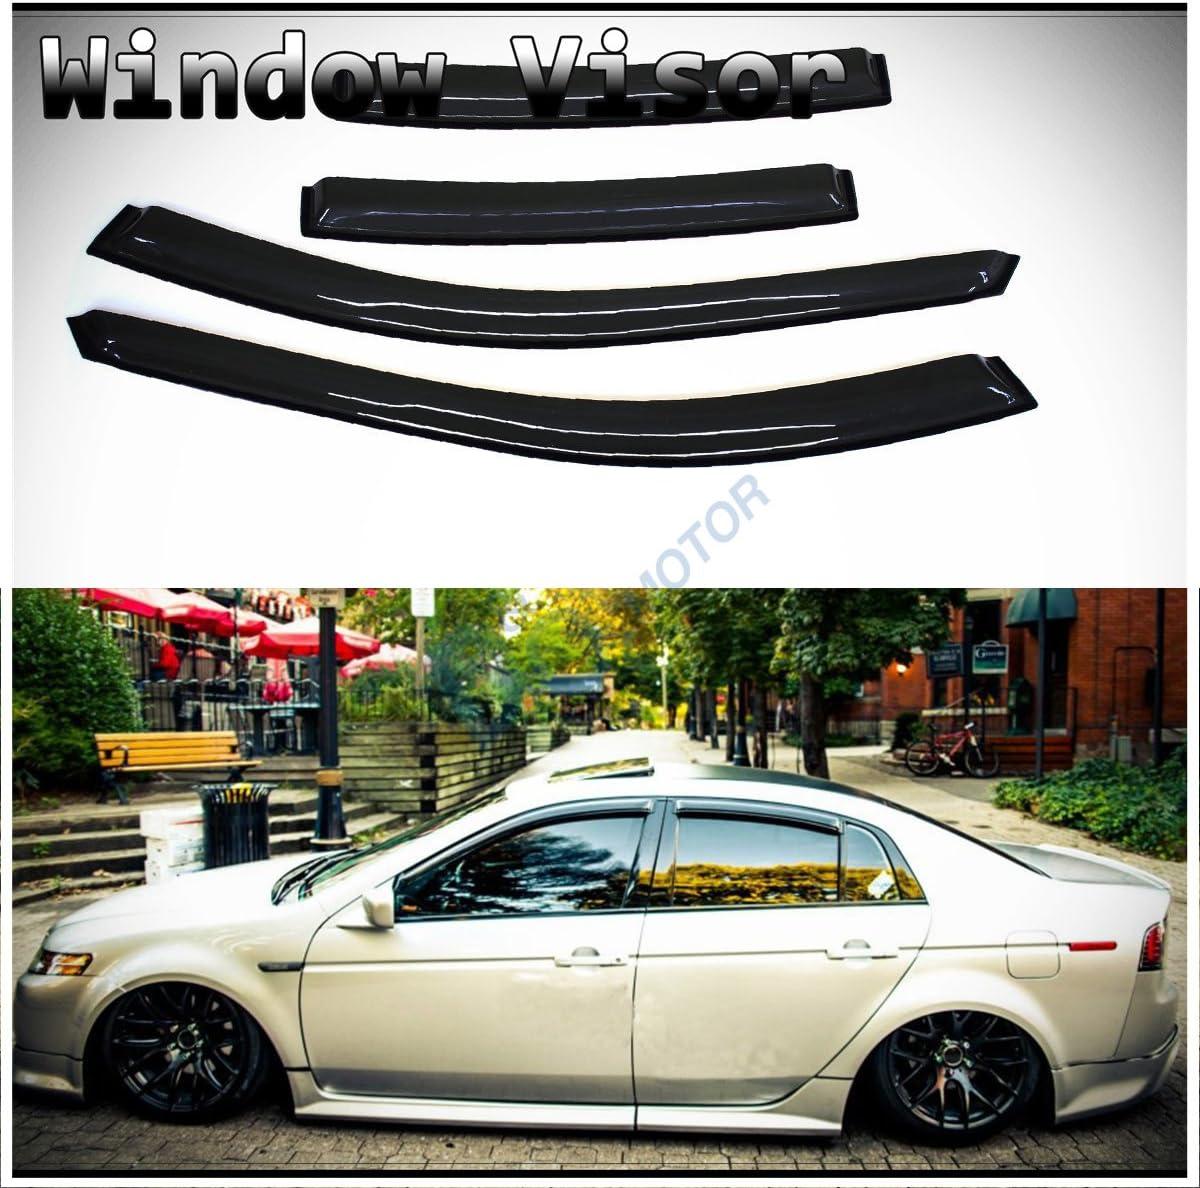 JDM In-Channel Style Side Window Visors Deflectors Rain Guard For 04-08 Acura TL